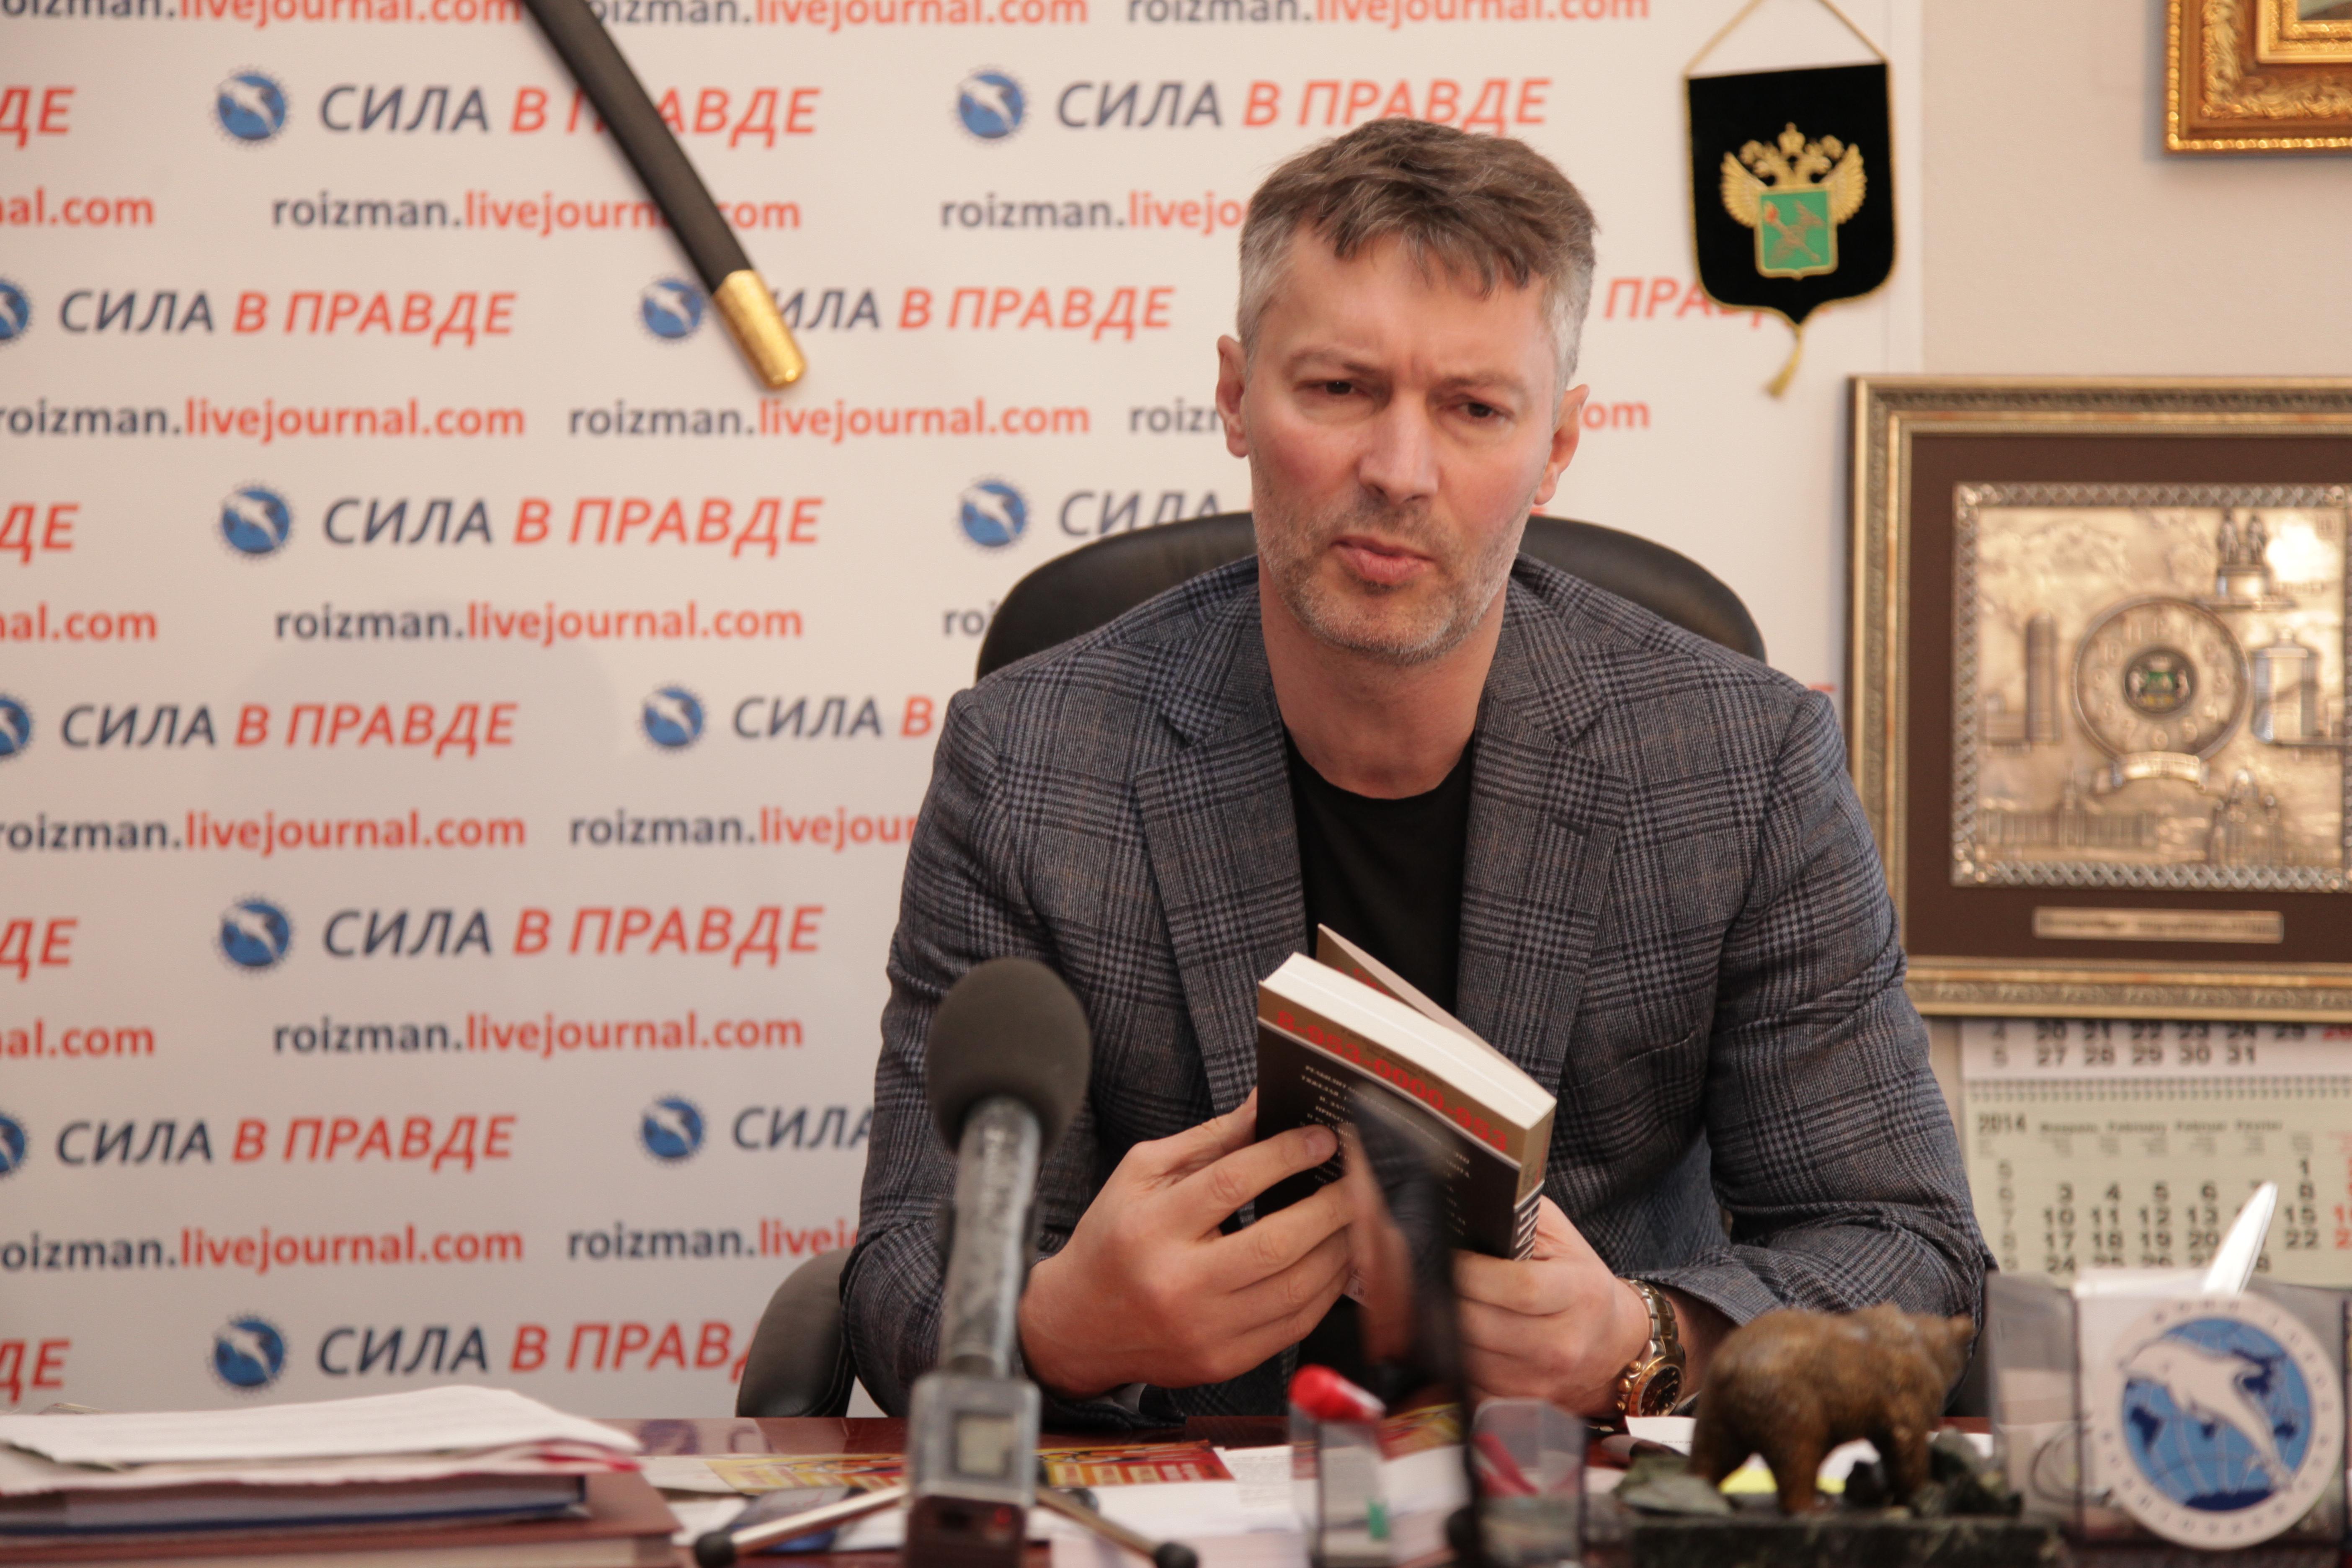 Евгений Ройзман: «У меня был соблазн напечатать в книге про фонд фото губернатора»